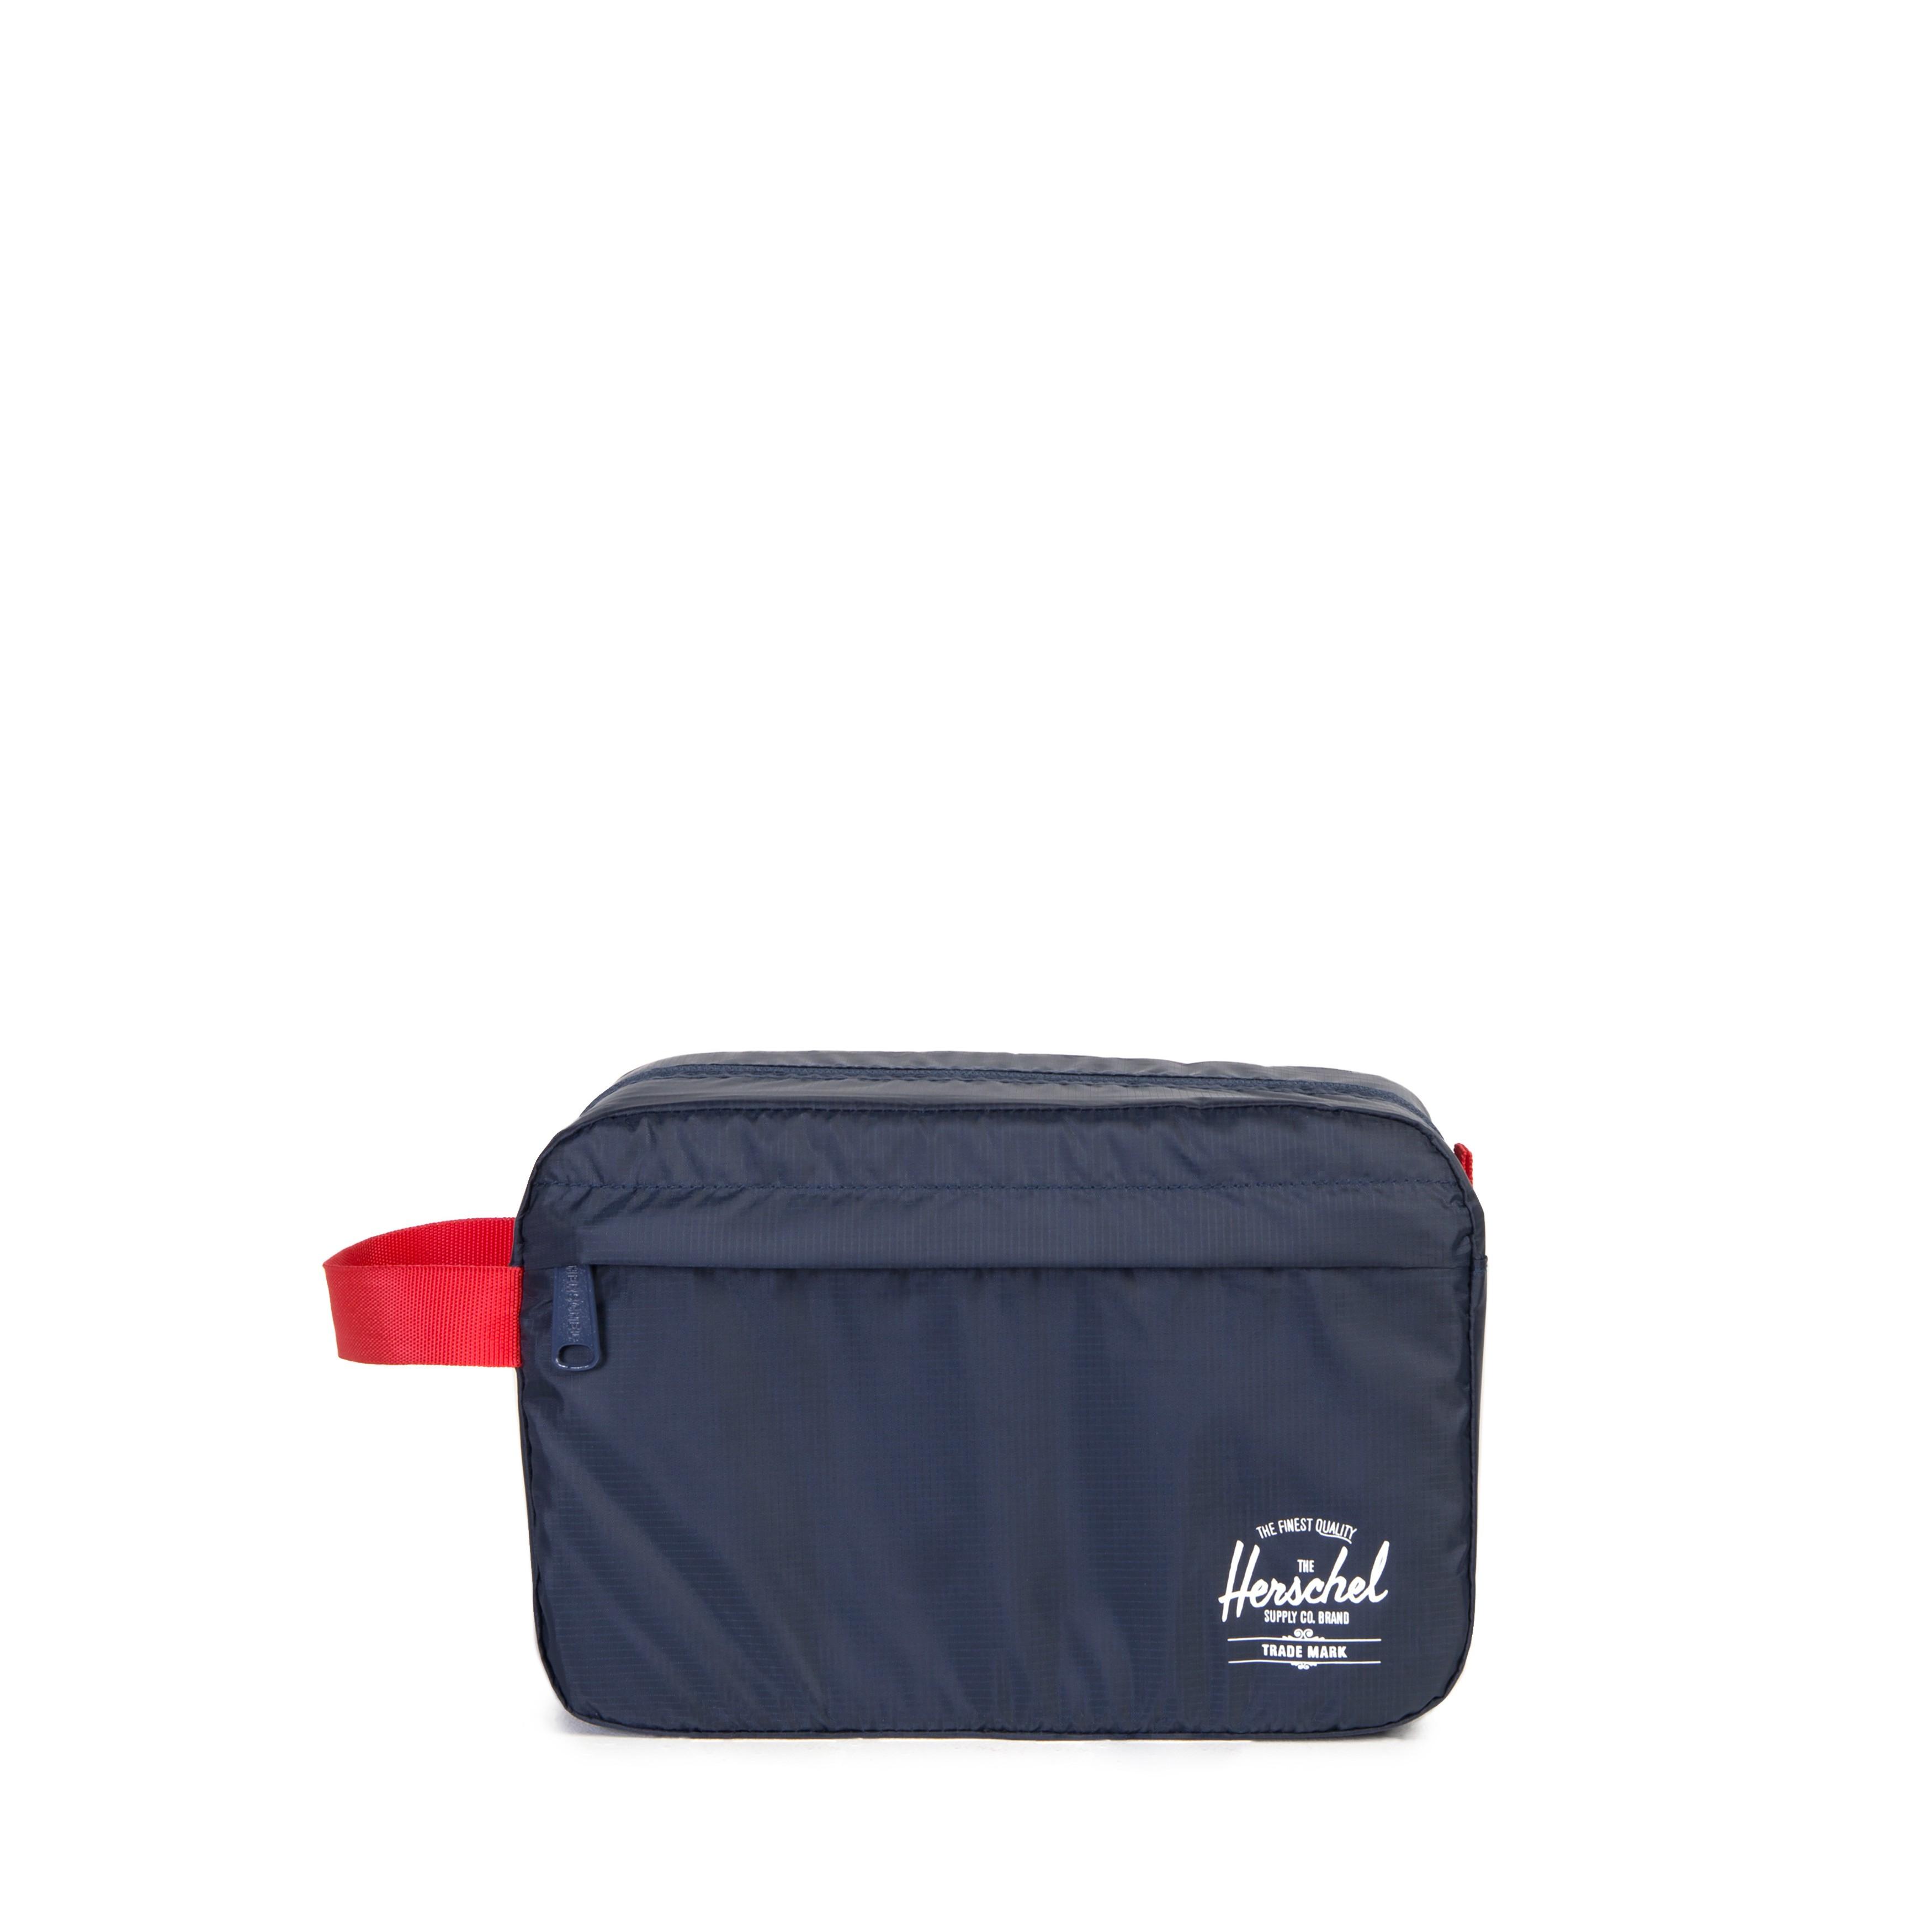 Trousse De Toilette Toiletry Bag 3 Litres Navy Red Bleu encequiconcerne Trousse De Toilette Bagage À Main